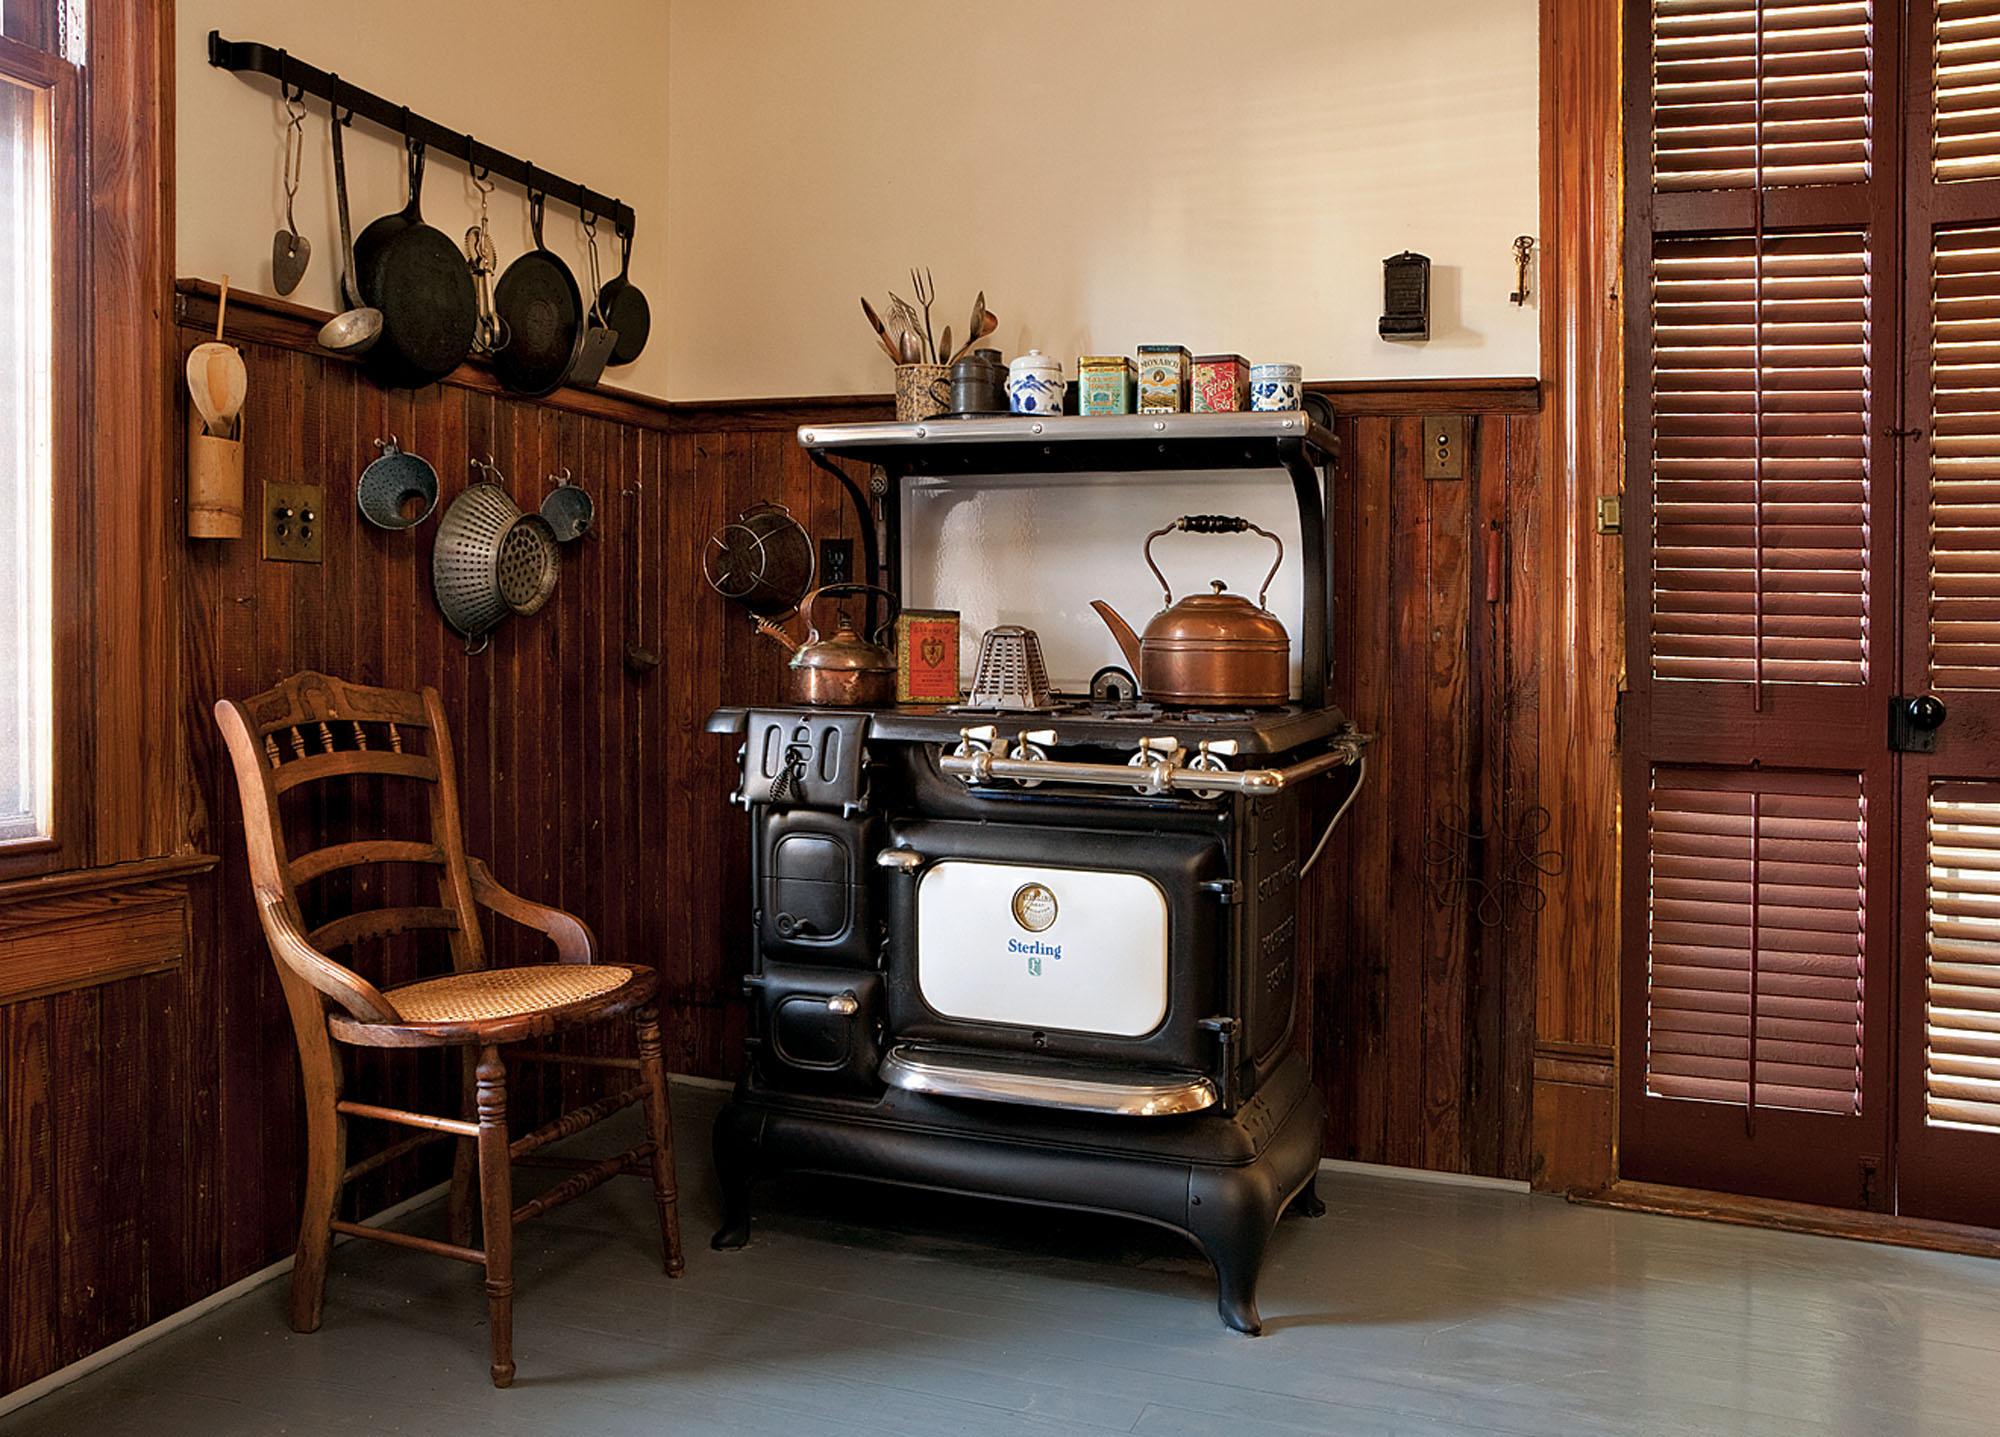 Victorian kitchen, vintage stove